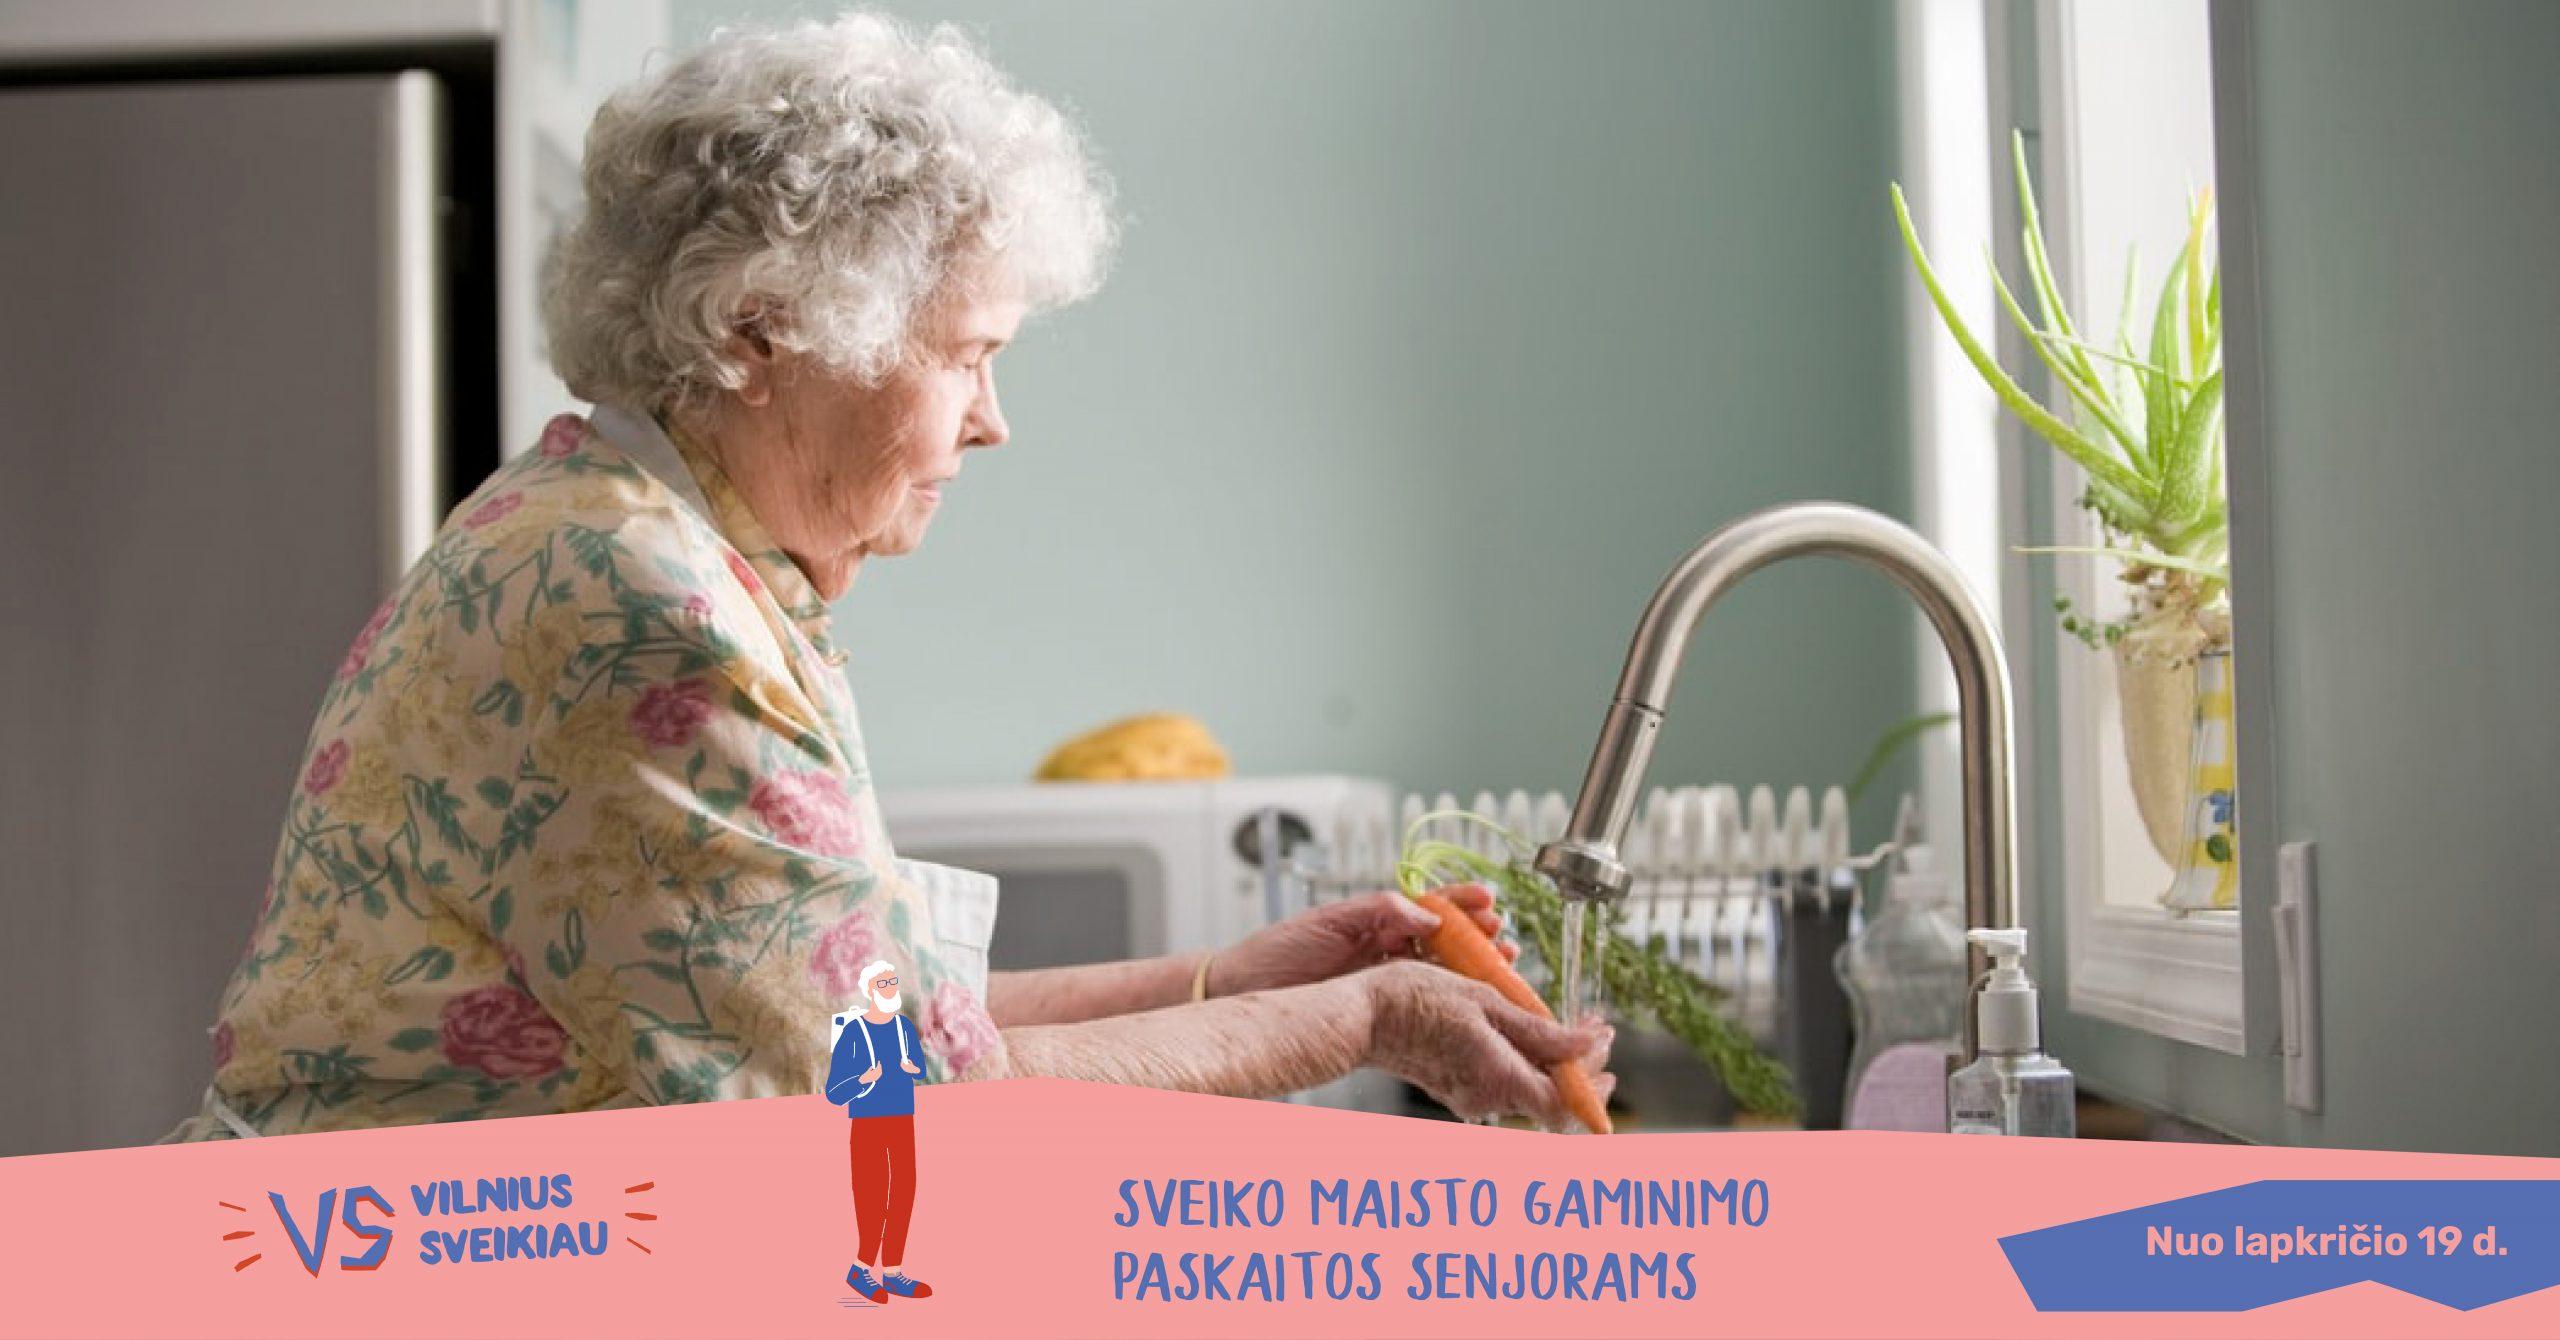 Sveiko maisto gaminimo paskaitos senjorams